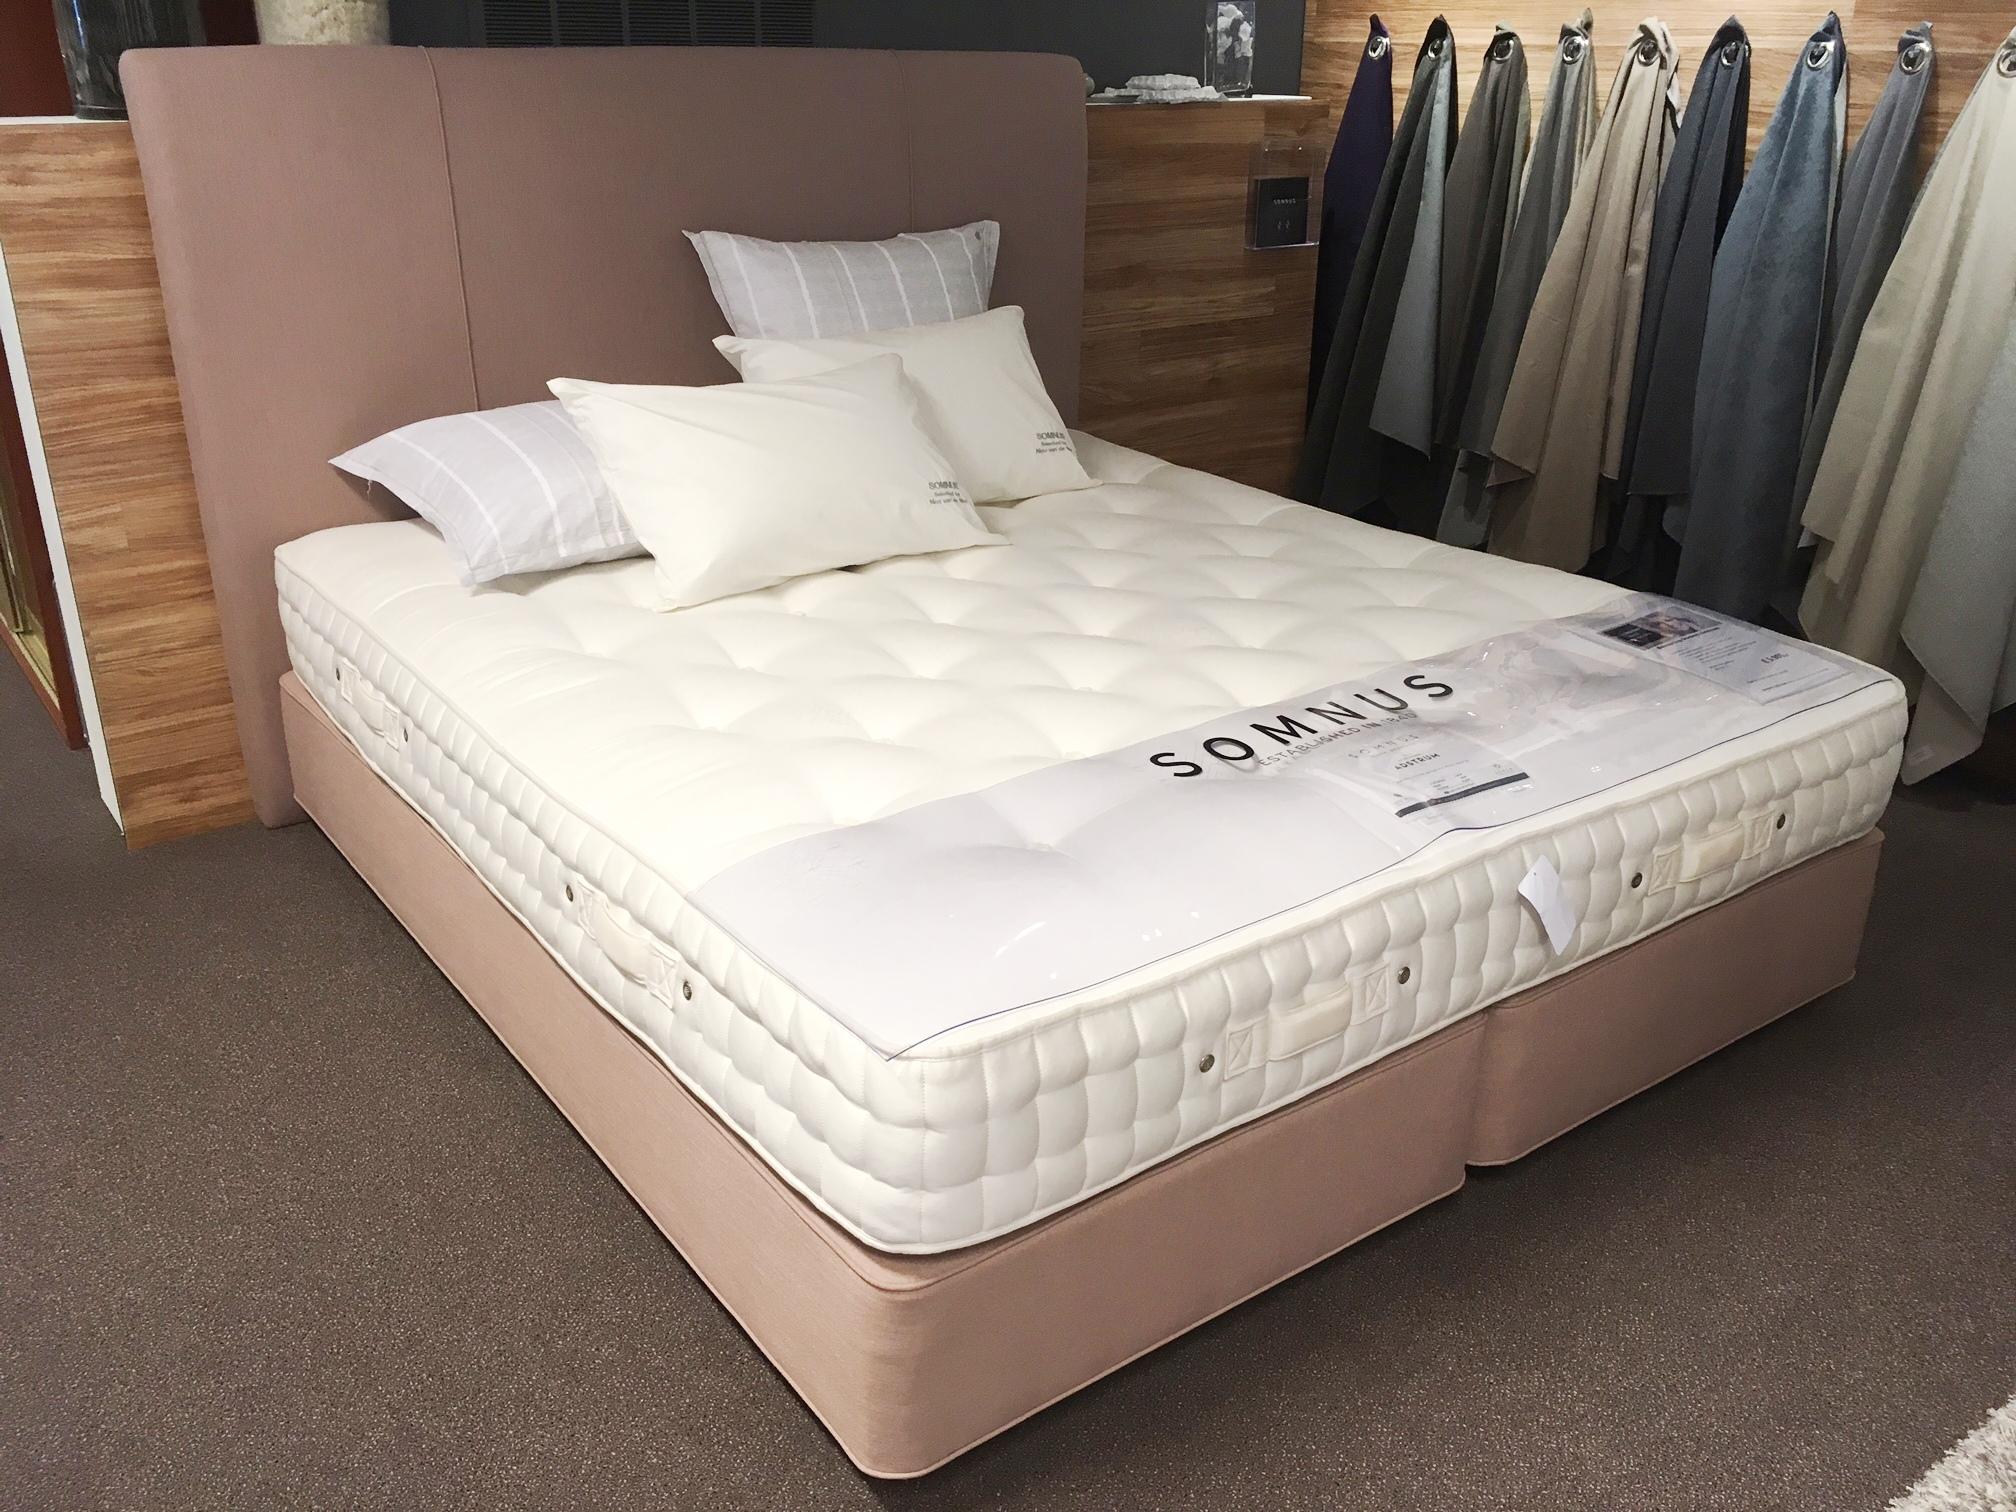 somnus boxspring natuurlijke matrassen natuurlijk slapen sale korting boxspring matras Adstrum Nico van de Nes Schagen